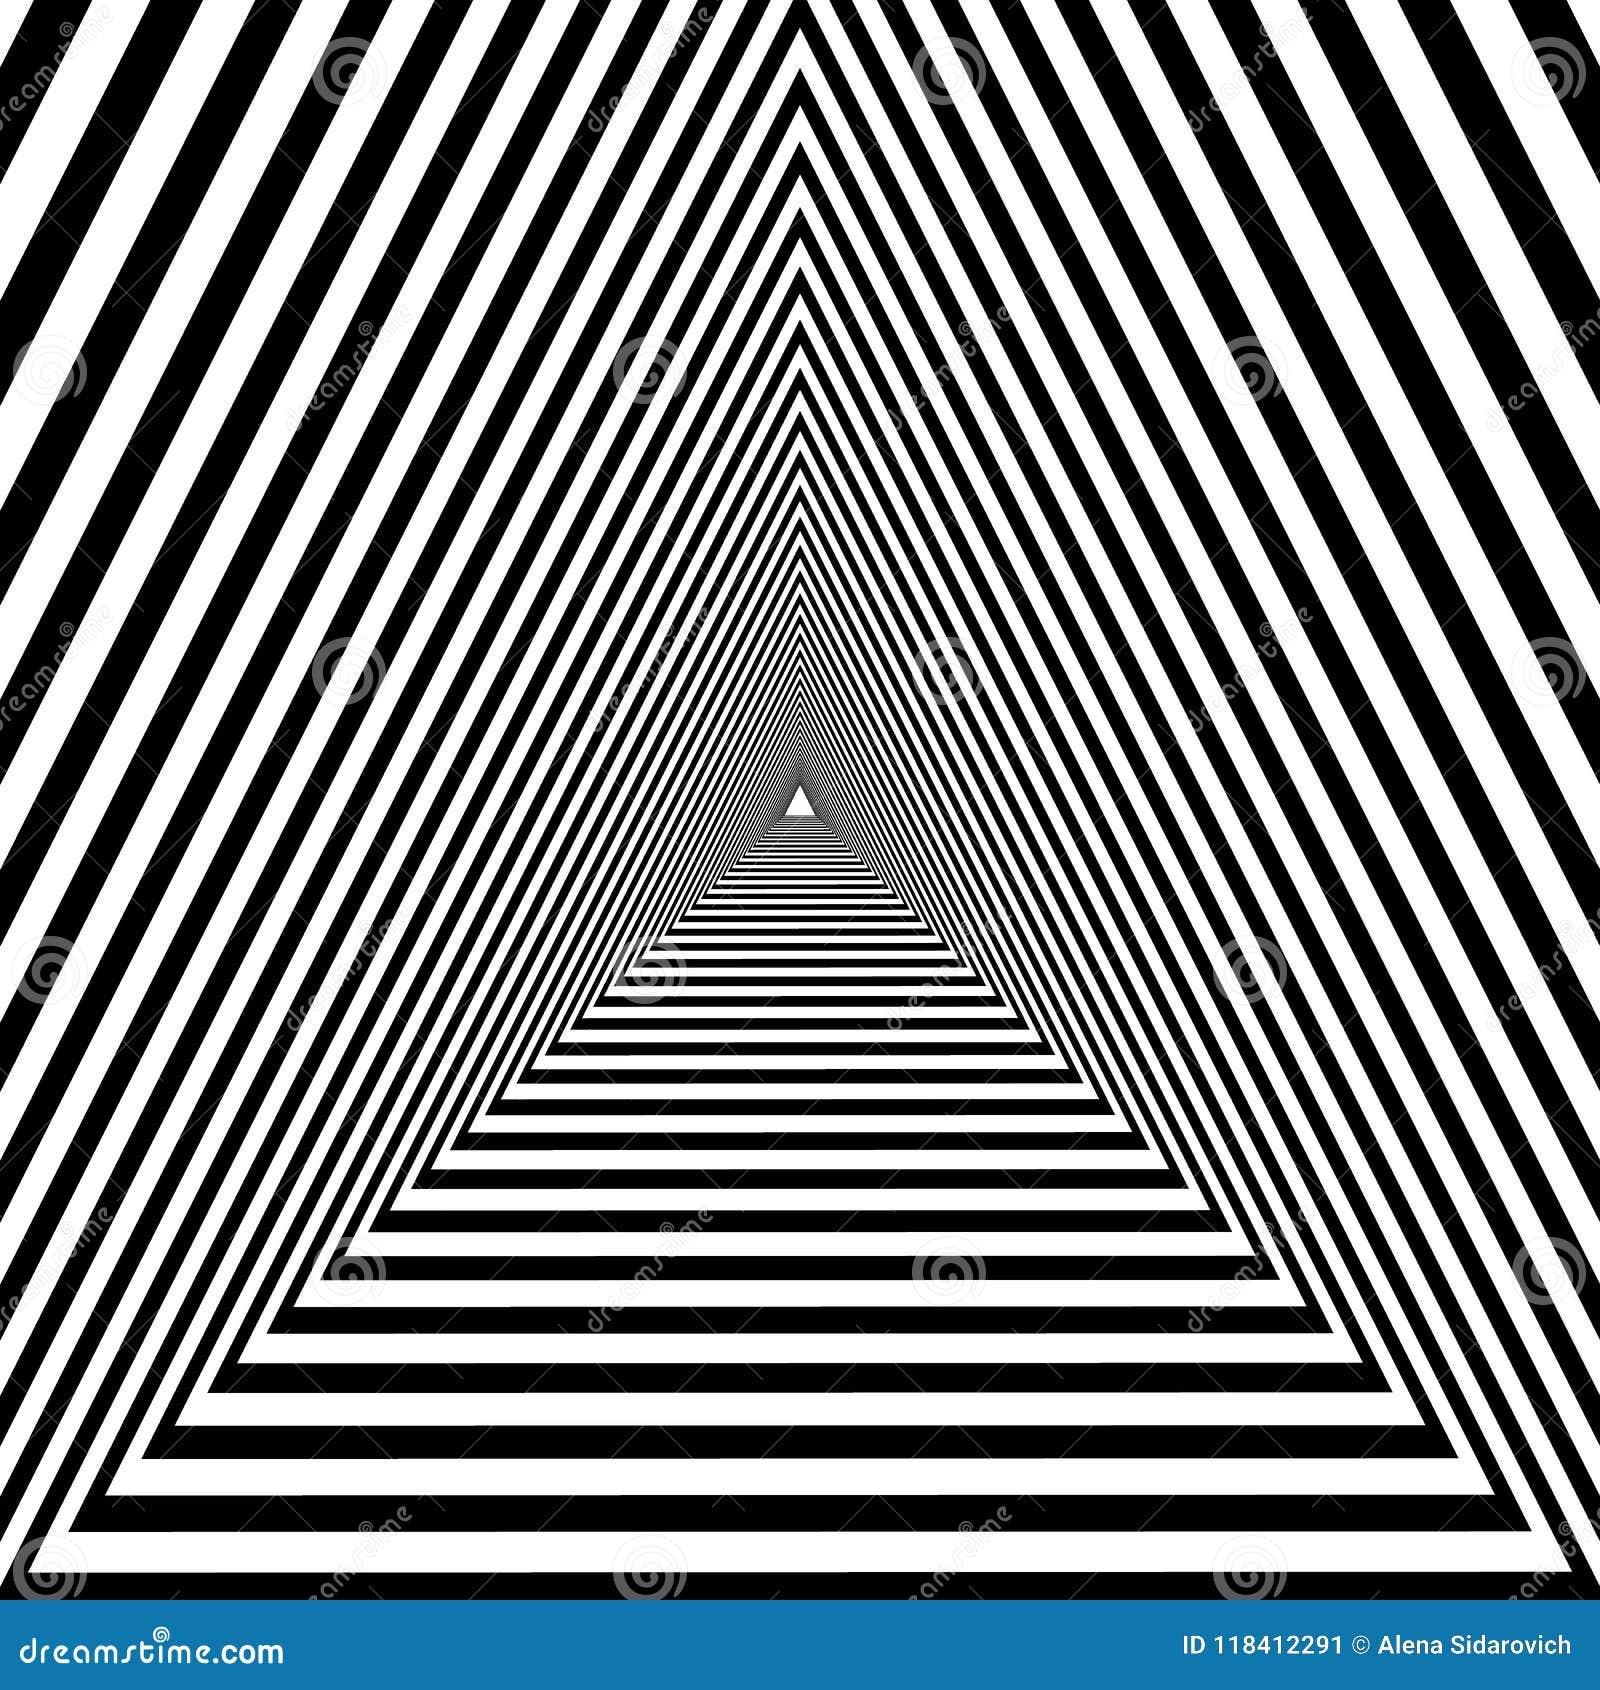 Disegni Geometrici Bianco E Nero tunnel triangolare, ottico psichedelico geometrico in bianco